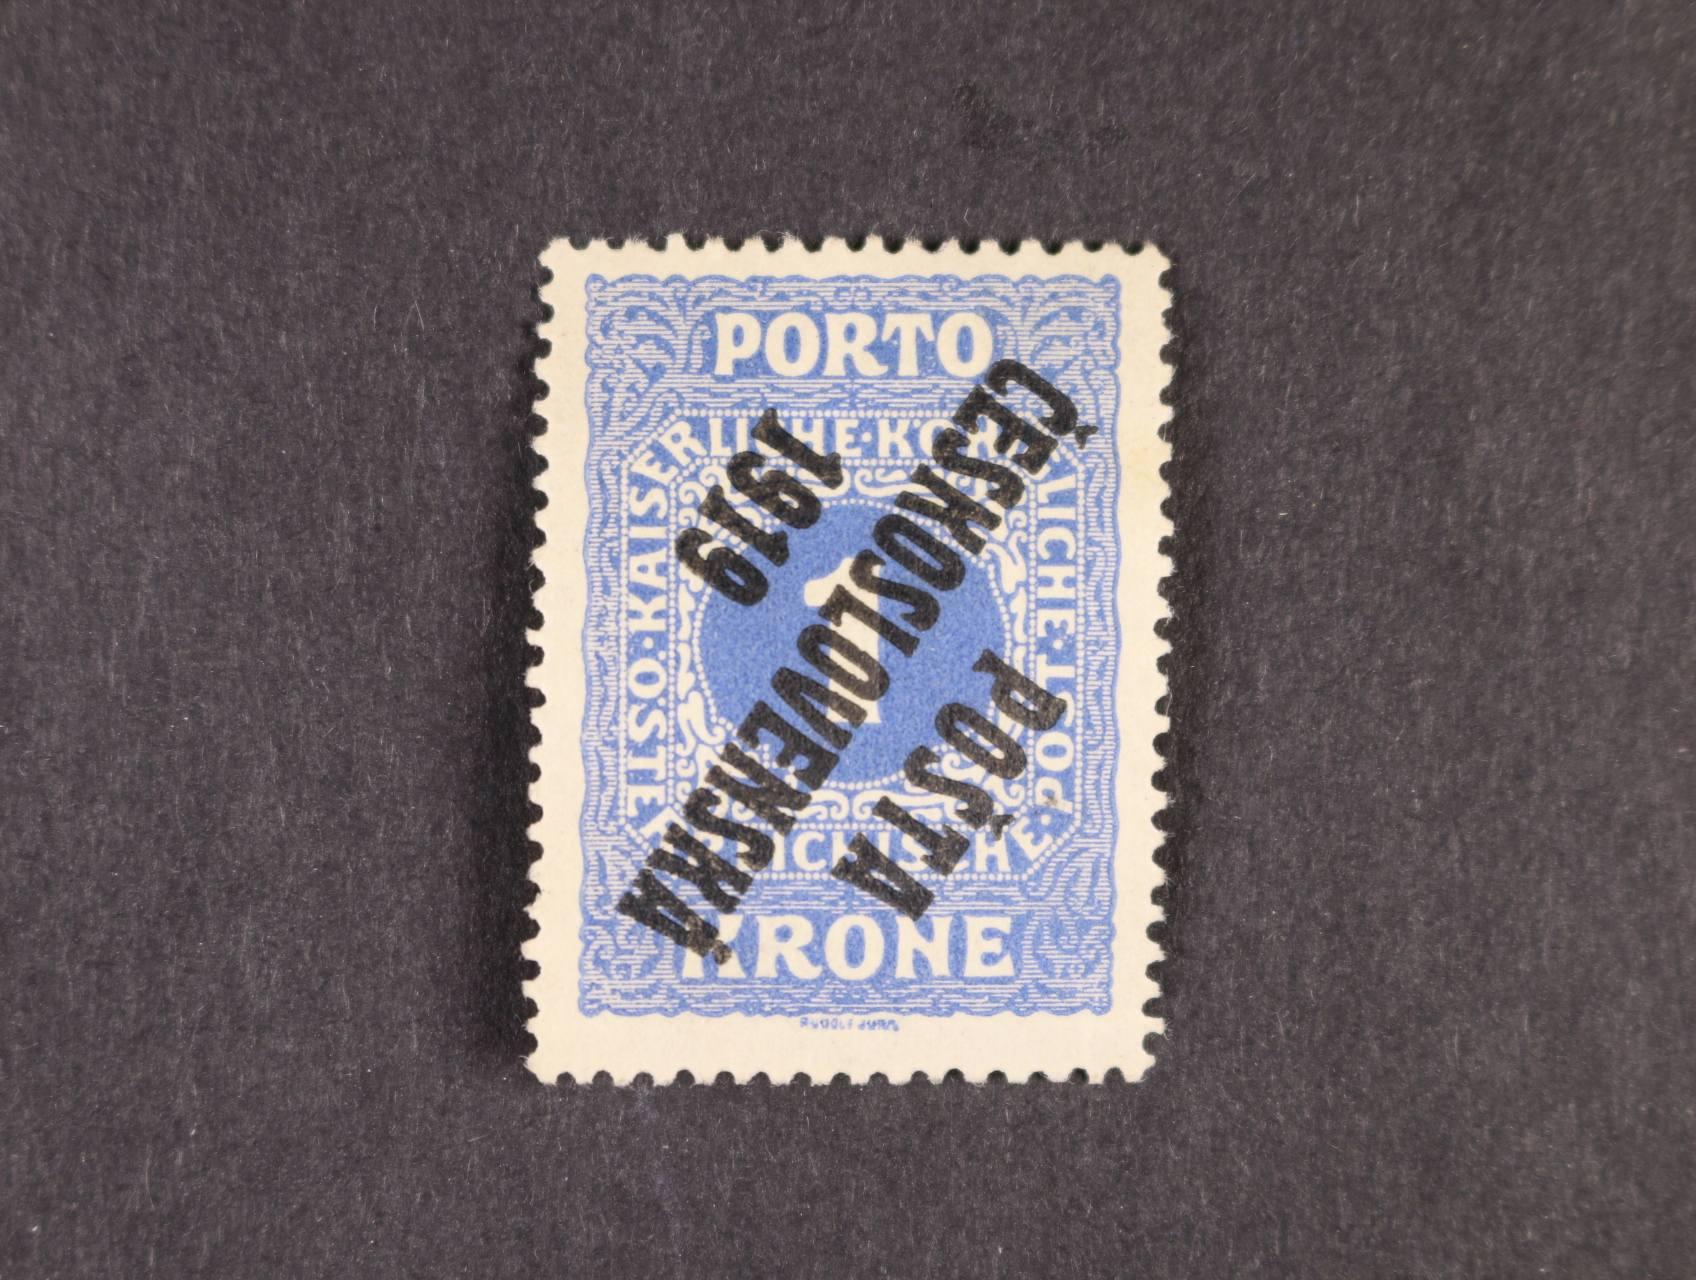 zn. č. 80 Pp 1K převrácený přetisk, typ II, zk. Gilbert, Franěk, Tribuna, atest Stupka